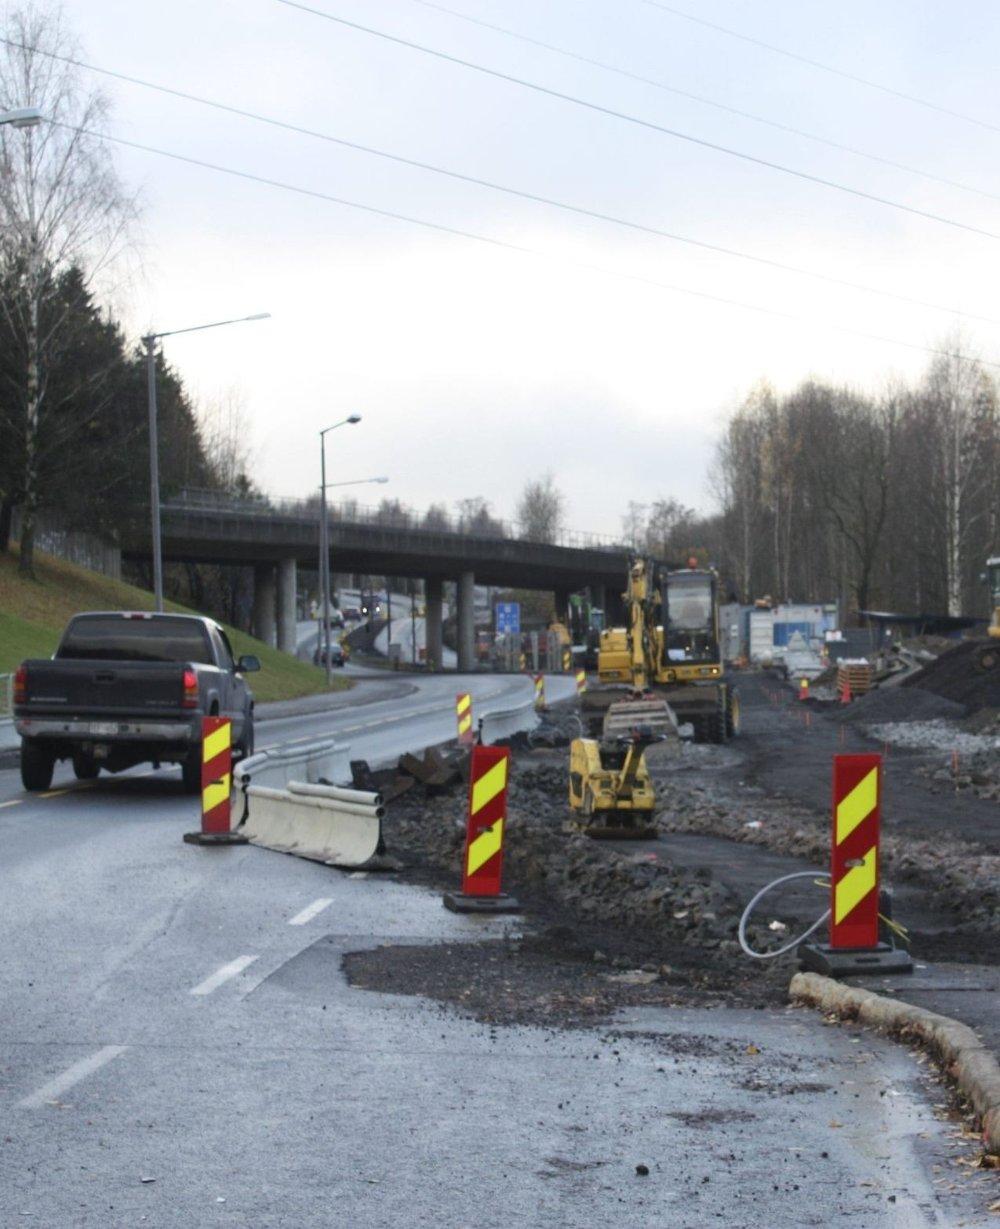 SNART FERDIG: I løpet av et par uker skal gang- og sykkelvei langs Tvetenveien være ferdige.